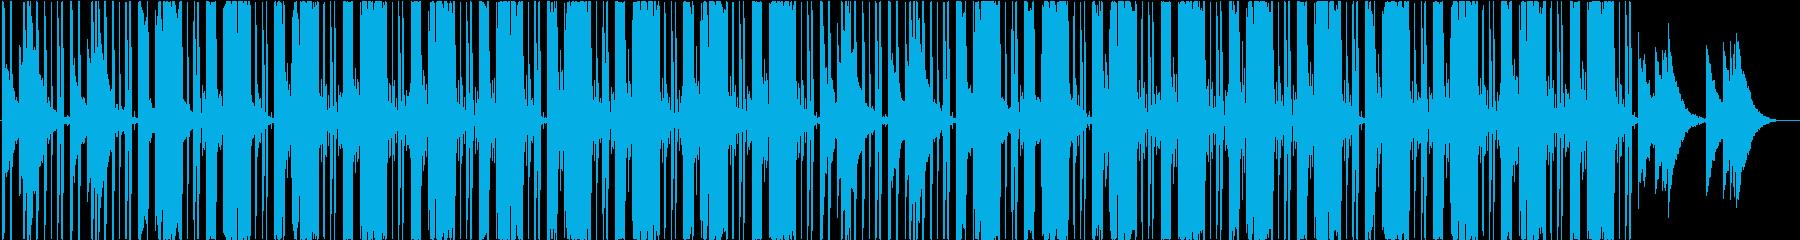 ヒップホップ、ポップ、スタイリッシュの再生済みの波形